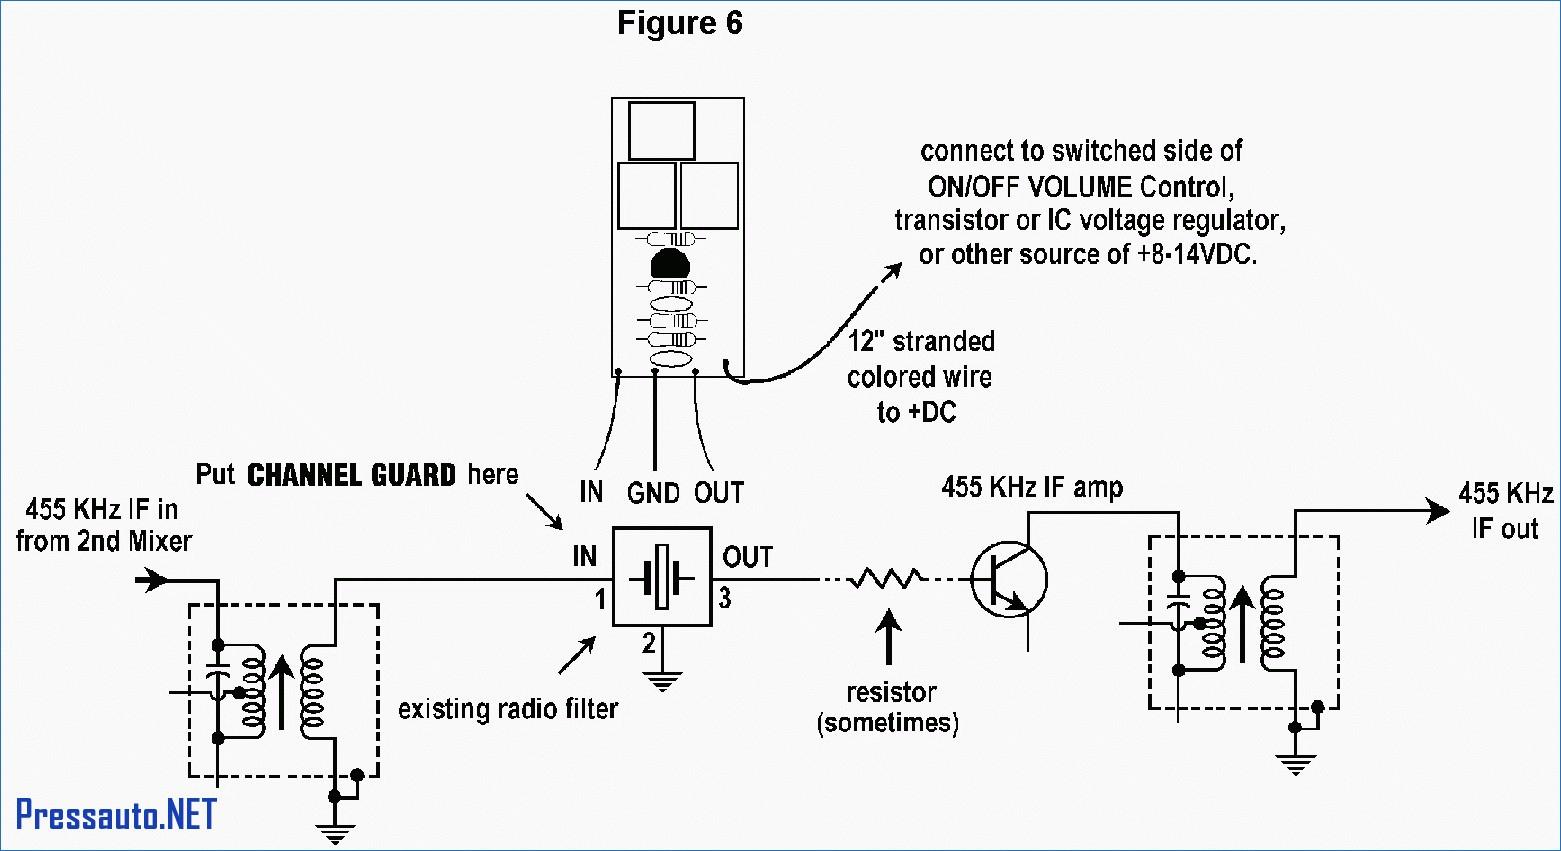 Cb Home Wiring | Wiring Diagram - 4 Pin Cb Mic Wiring Diagram